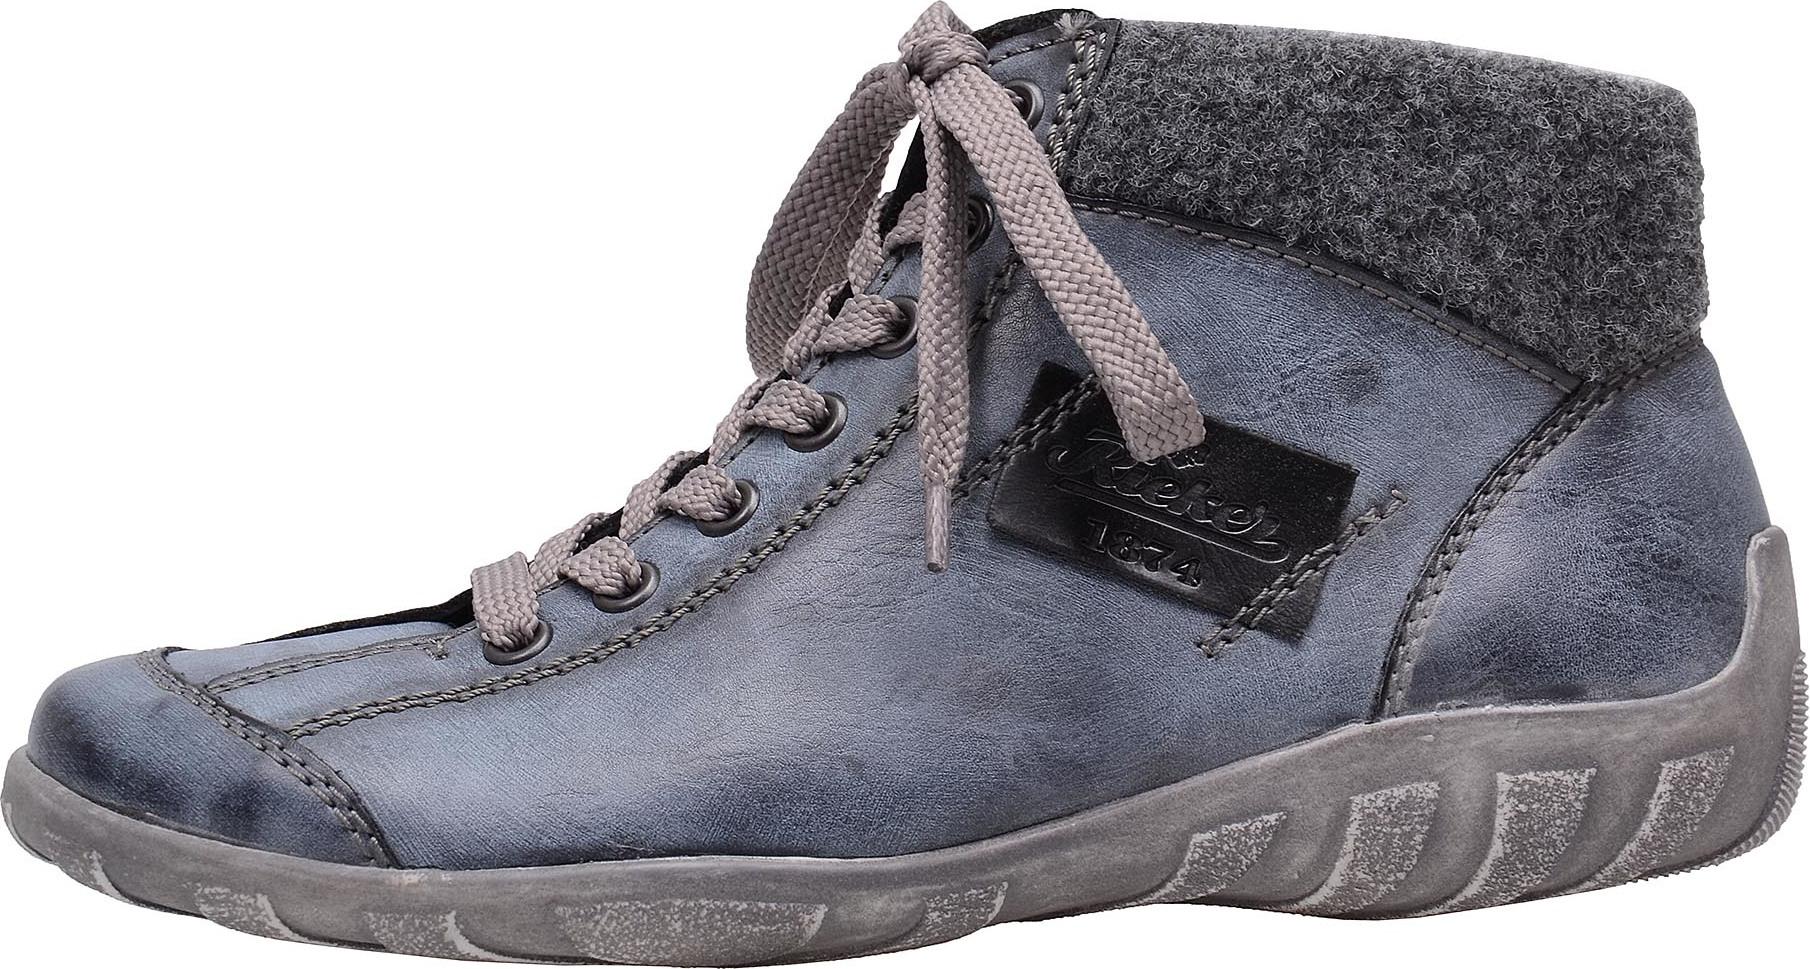 5ac702beeea Dámská obuv RIEKER L6540 14 BLAU KOMBI H W 6 – Rieker Antistress